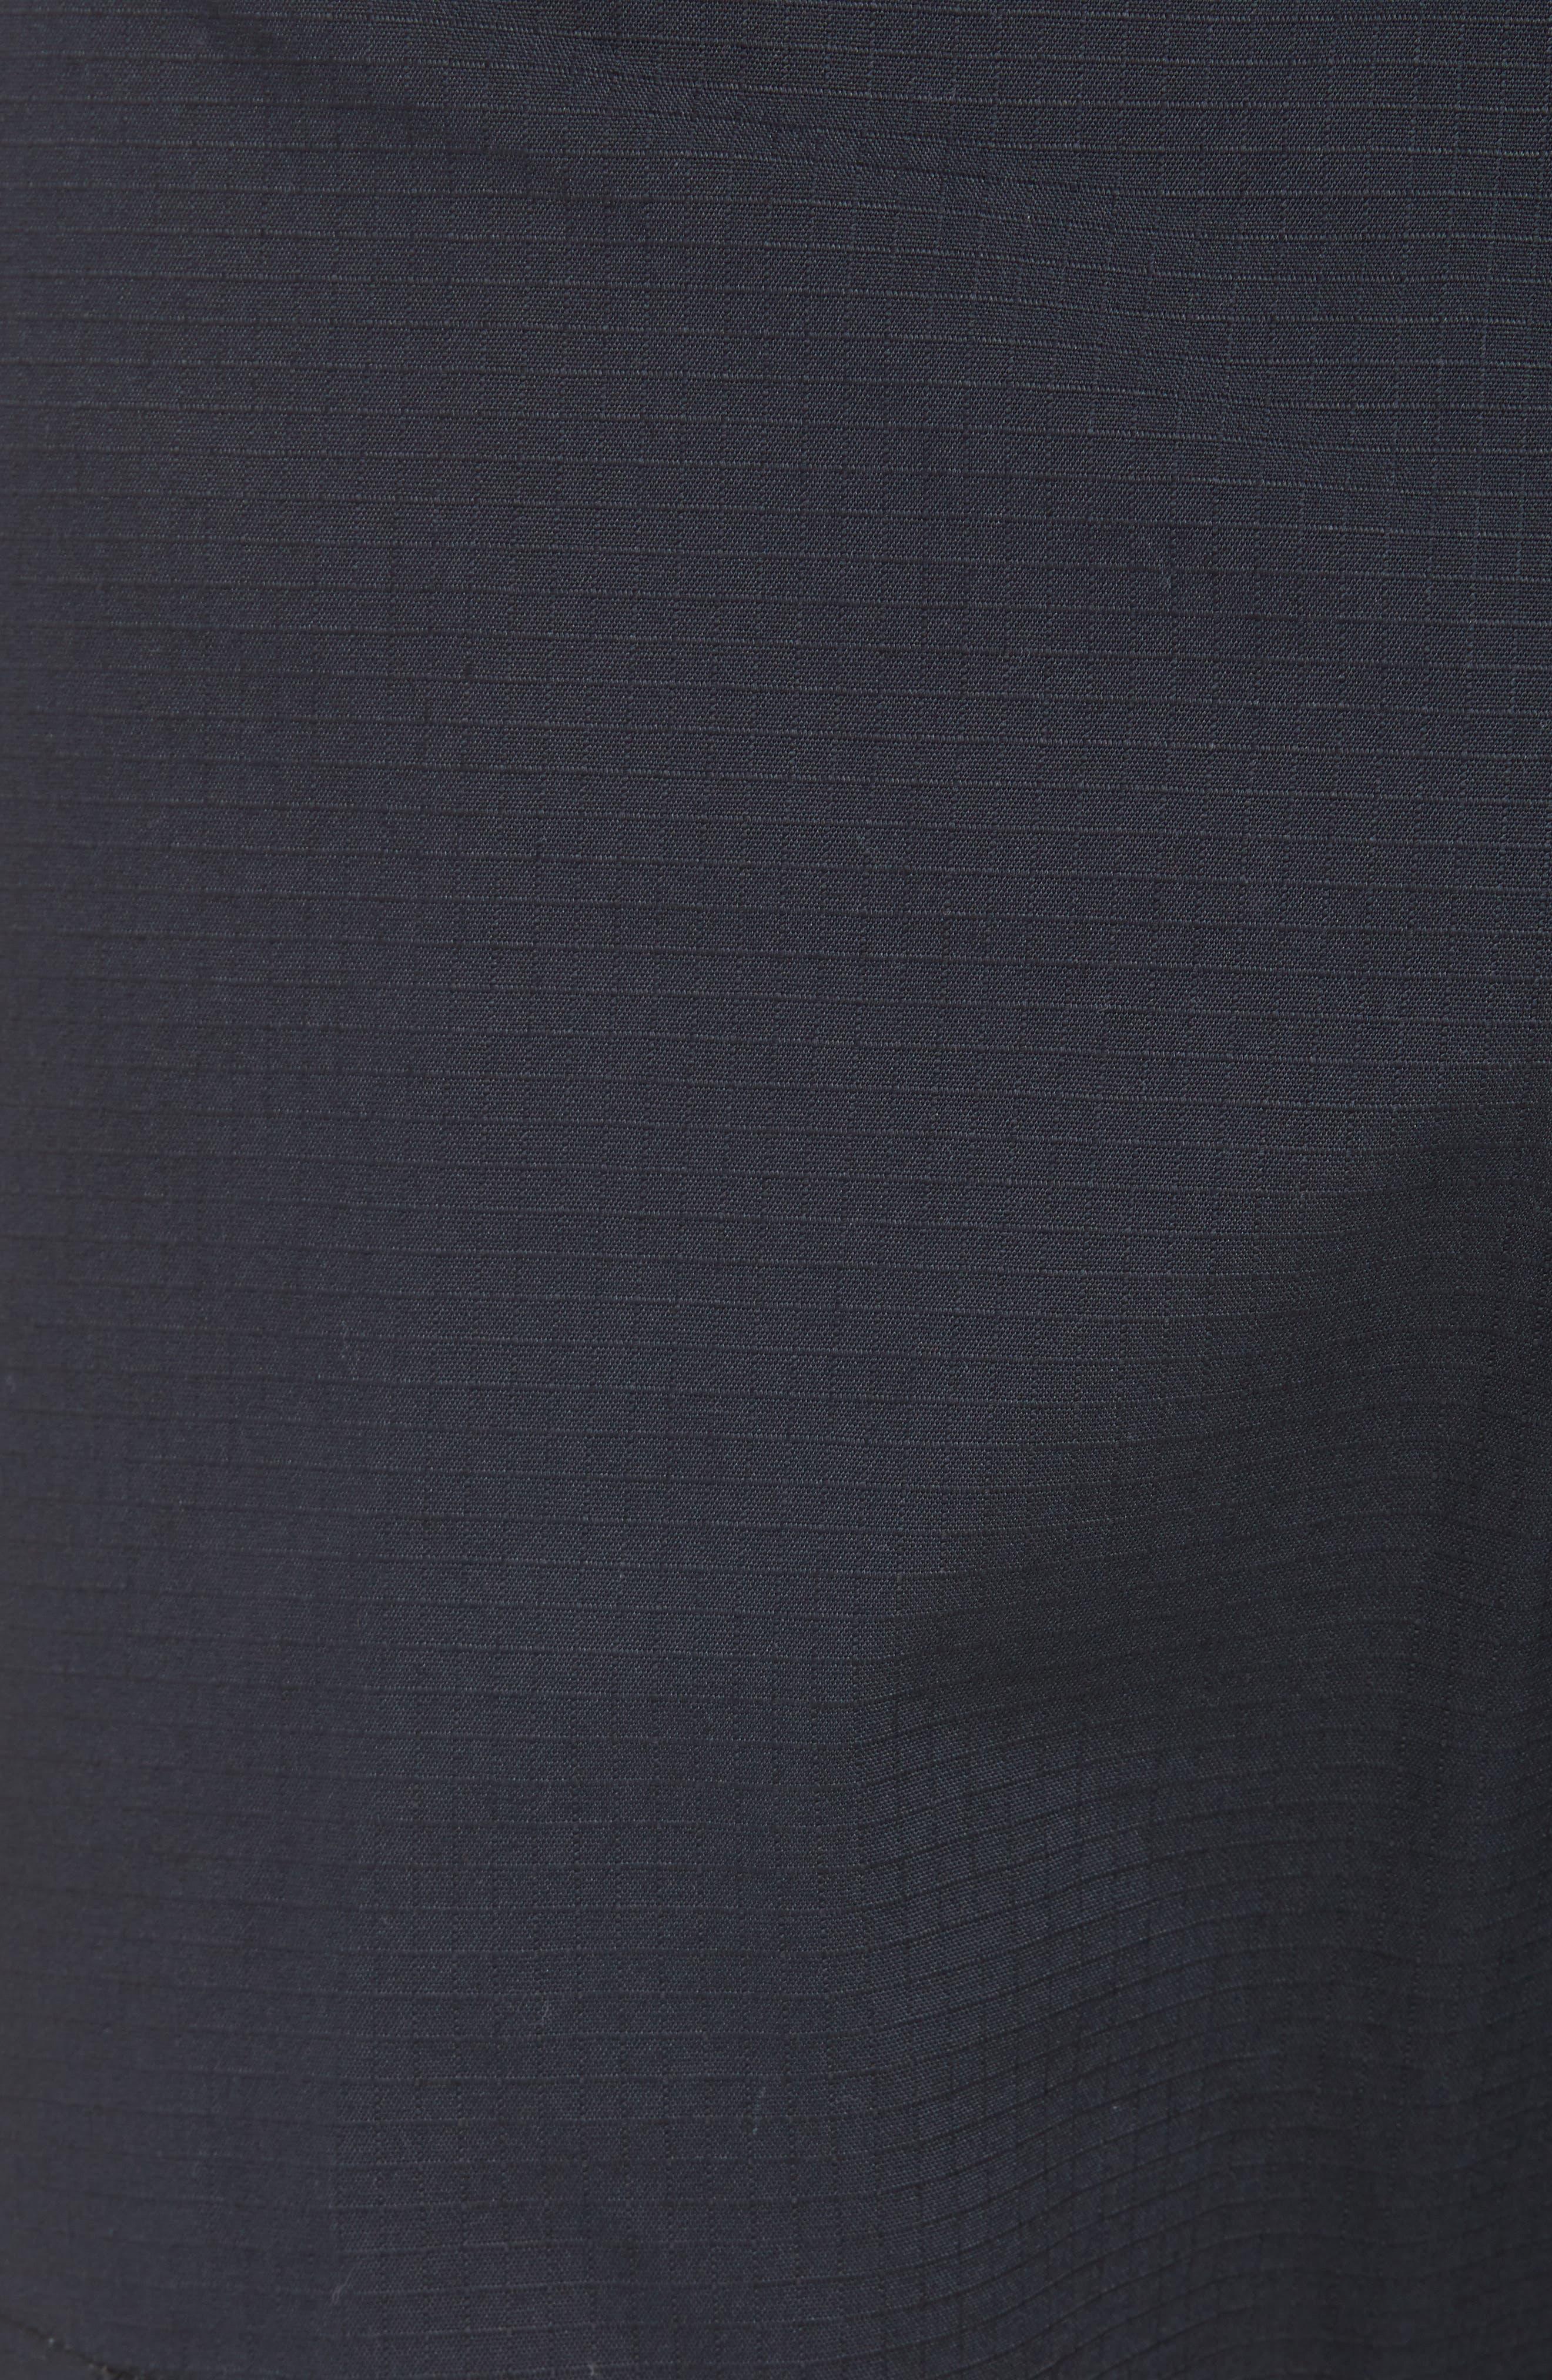 NIKE SB, Flex Cargo Pants, Alternate thumbnail 6, color, BLACK